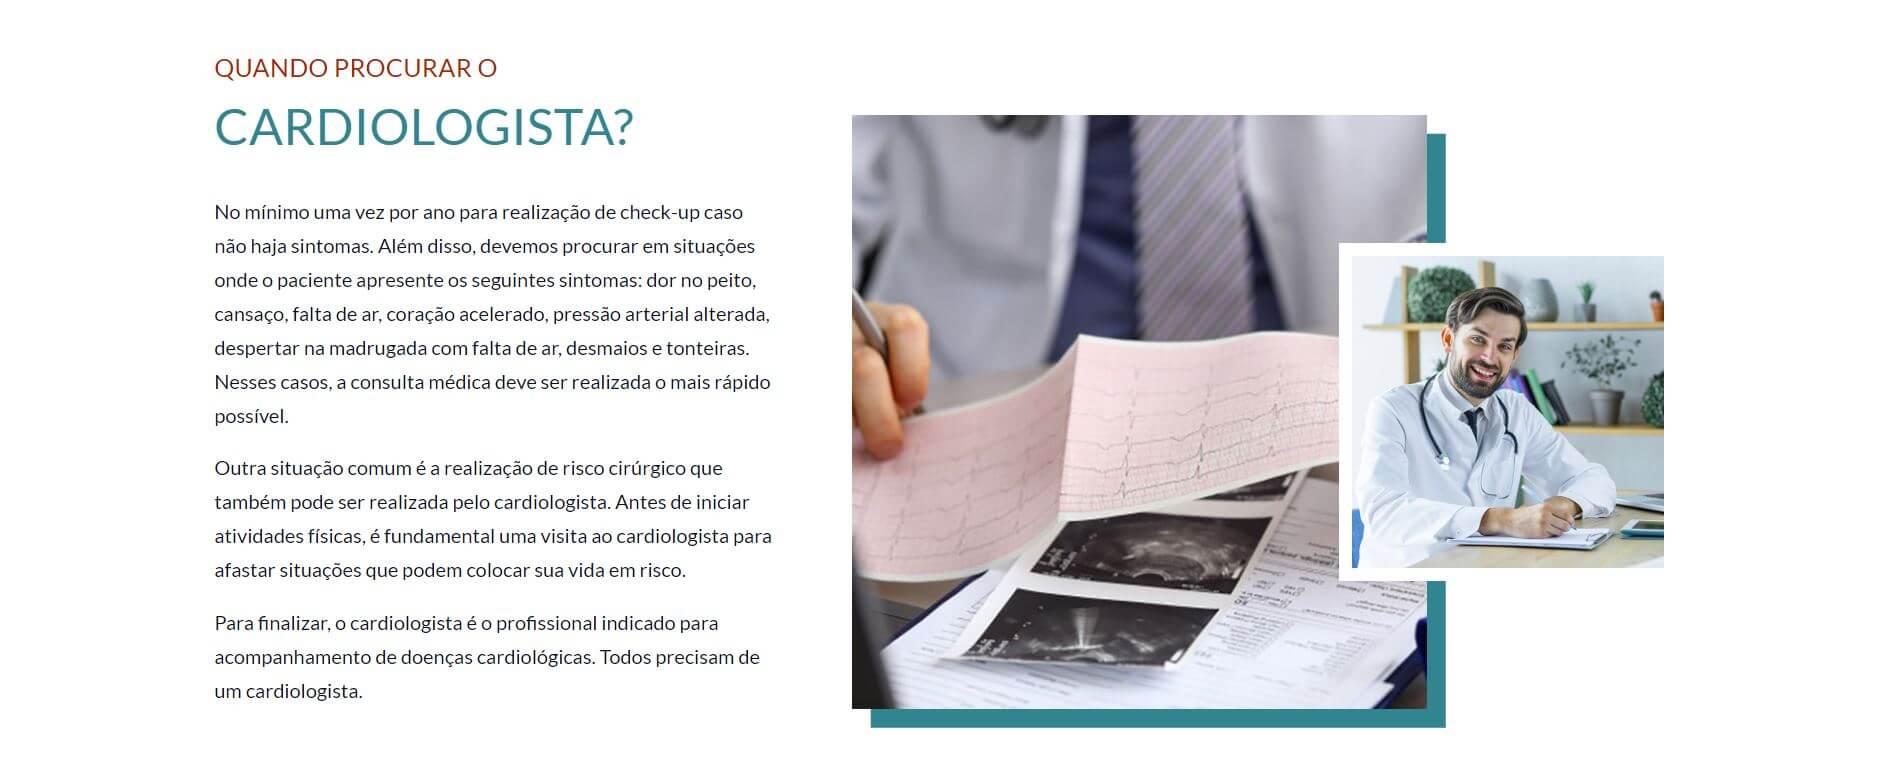 Área de Texto do Anúncio Hotsite Corpo Informa